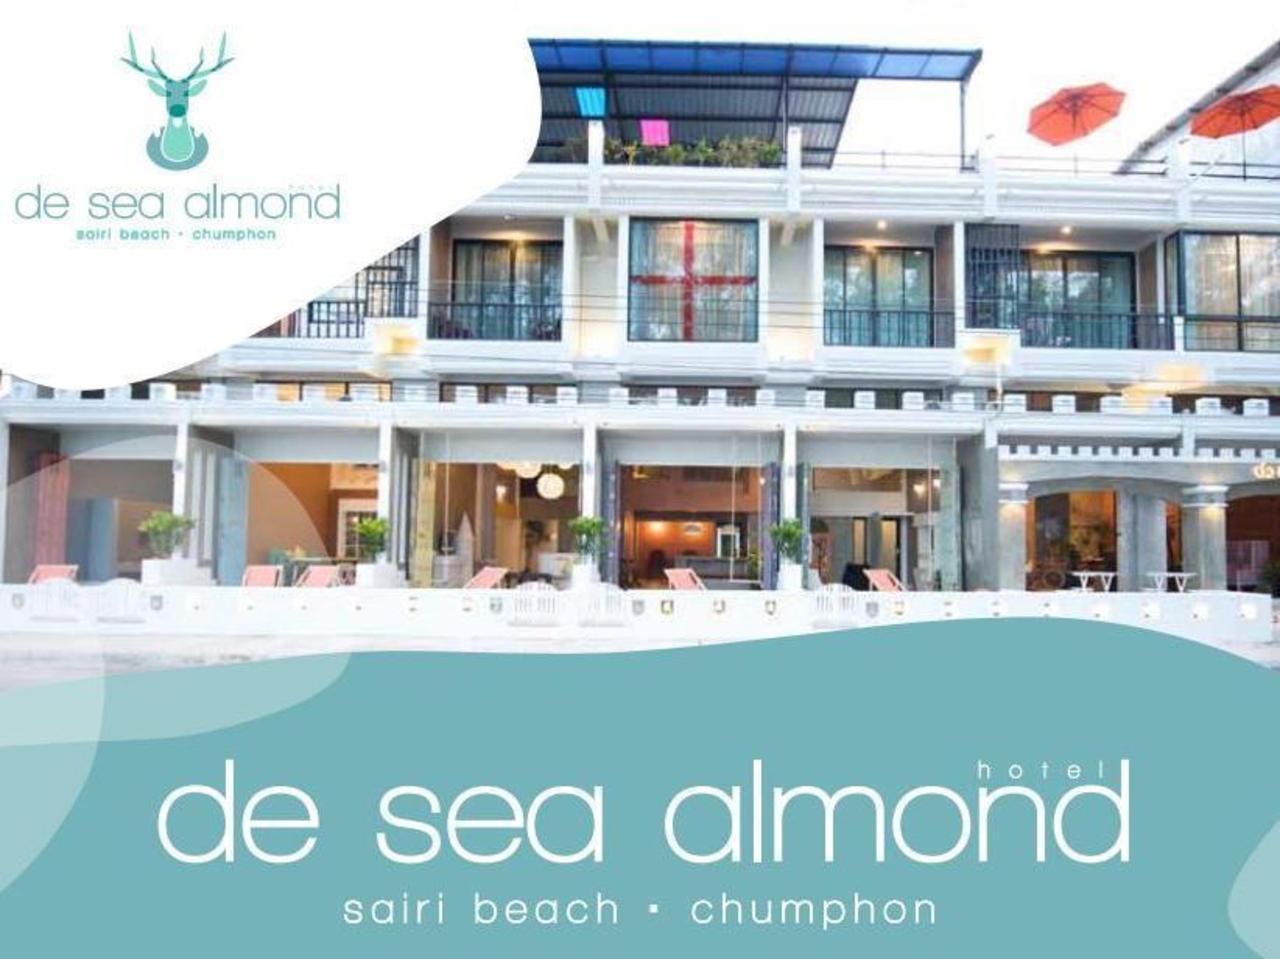 โรงแรมเดอ ซี อัลมอนด์ (De Sea Almond Hotel)